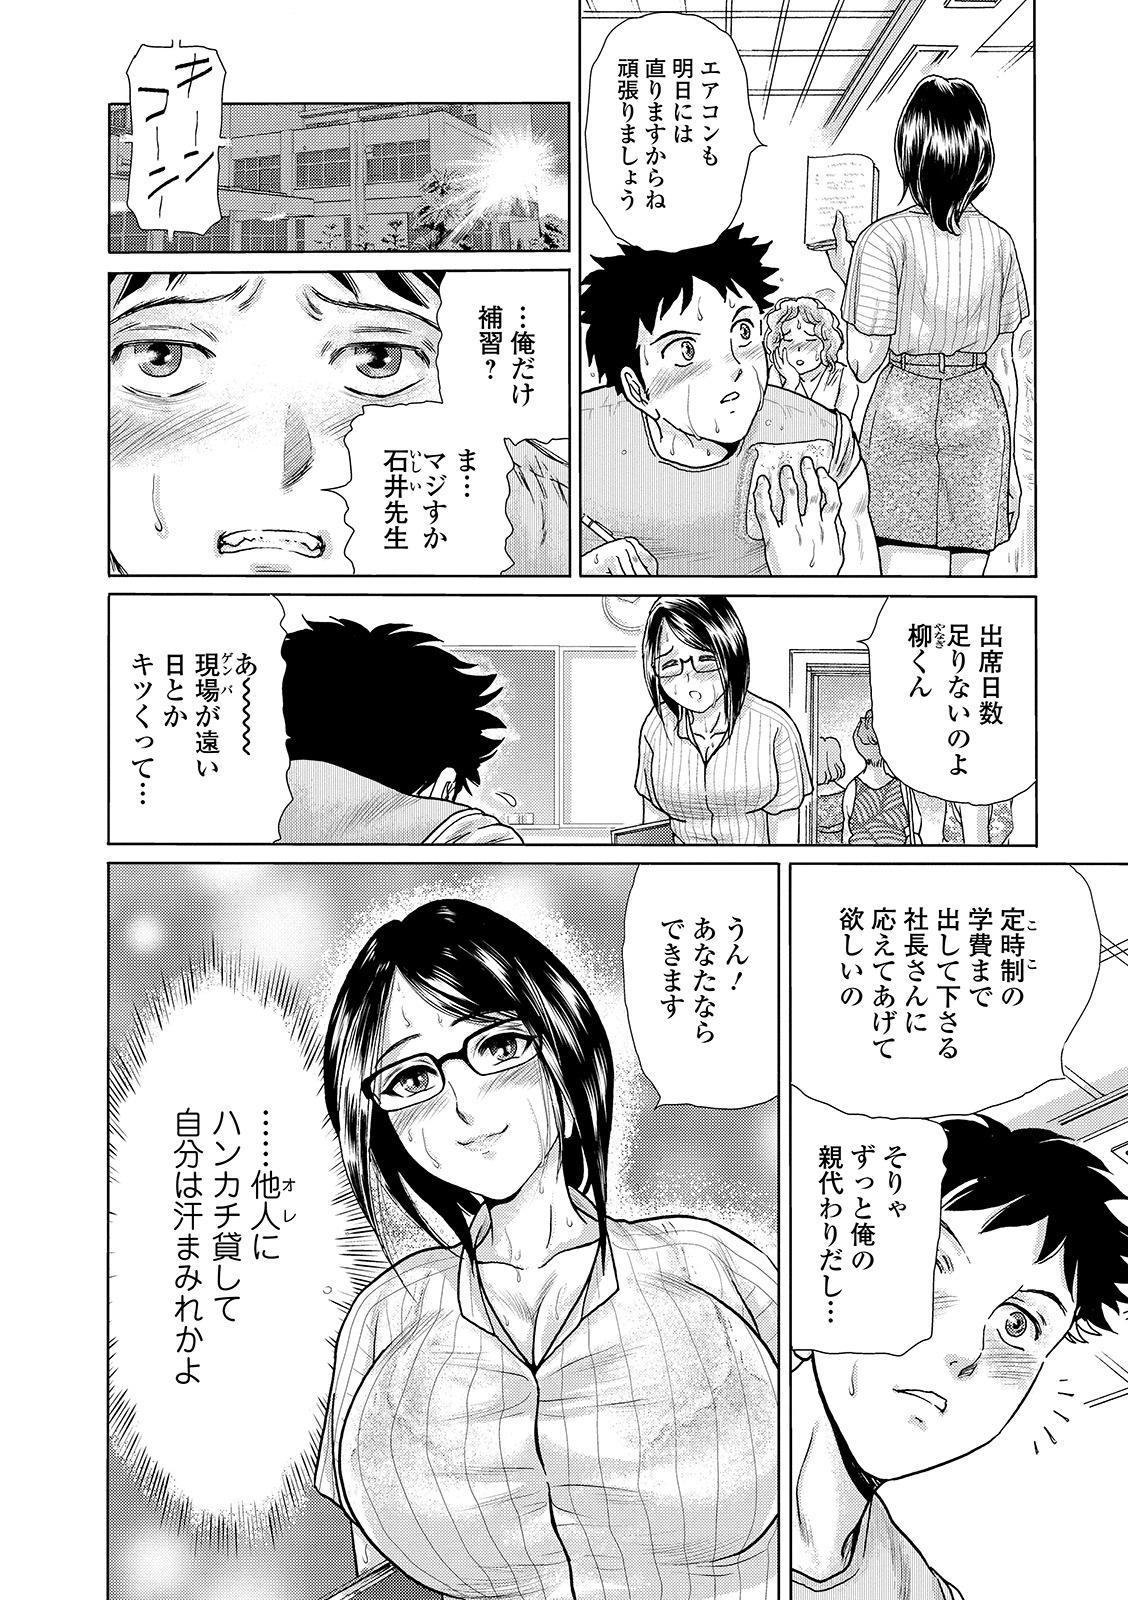 Web Comic Toutetsu Vol. 45 57